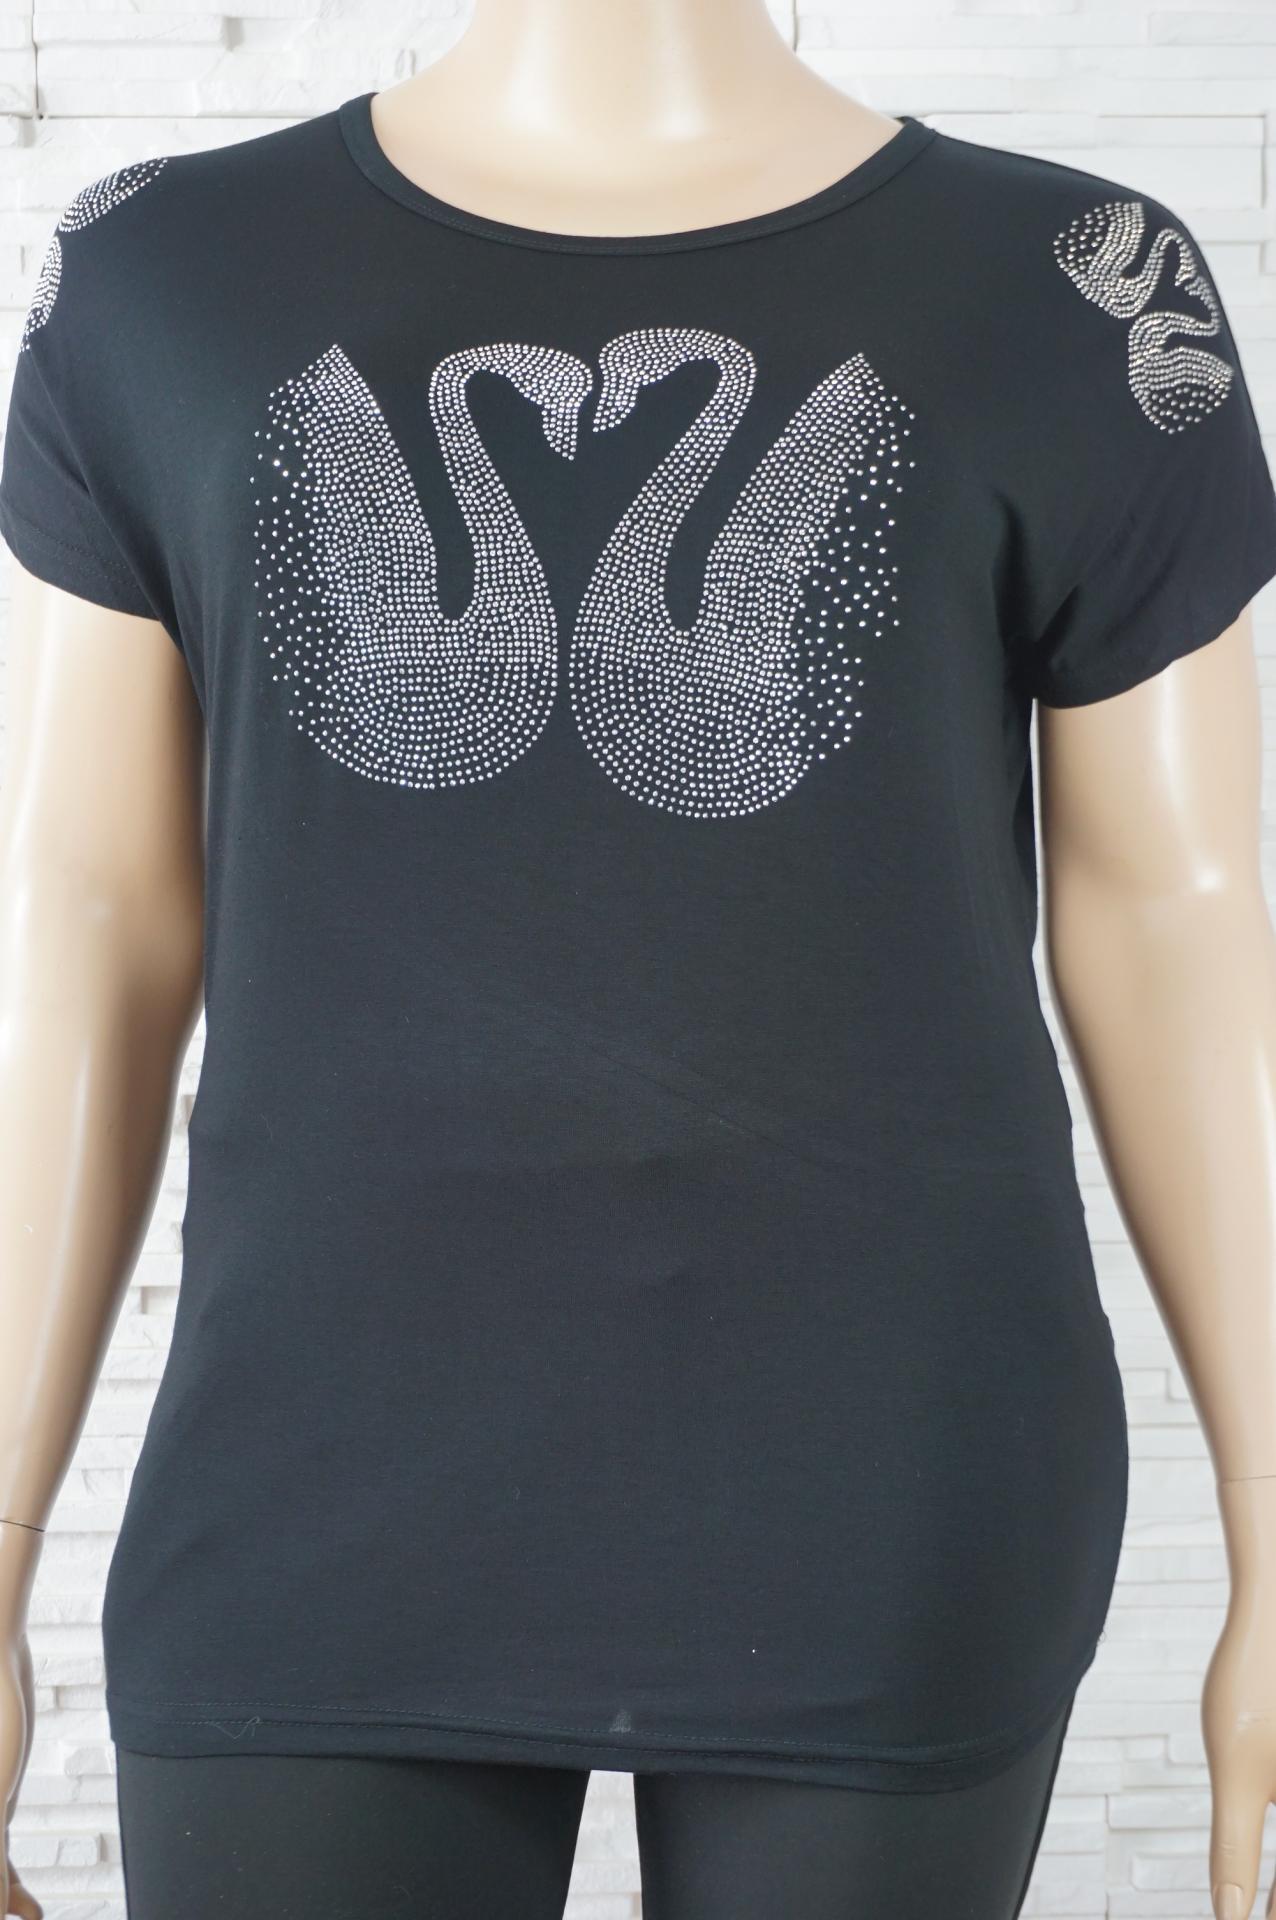 Tee shirt a strass1